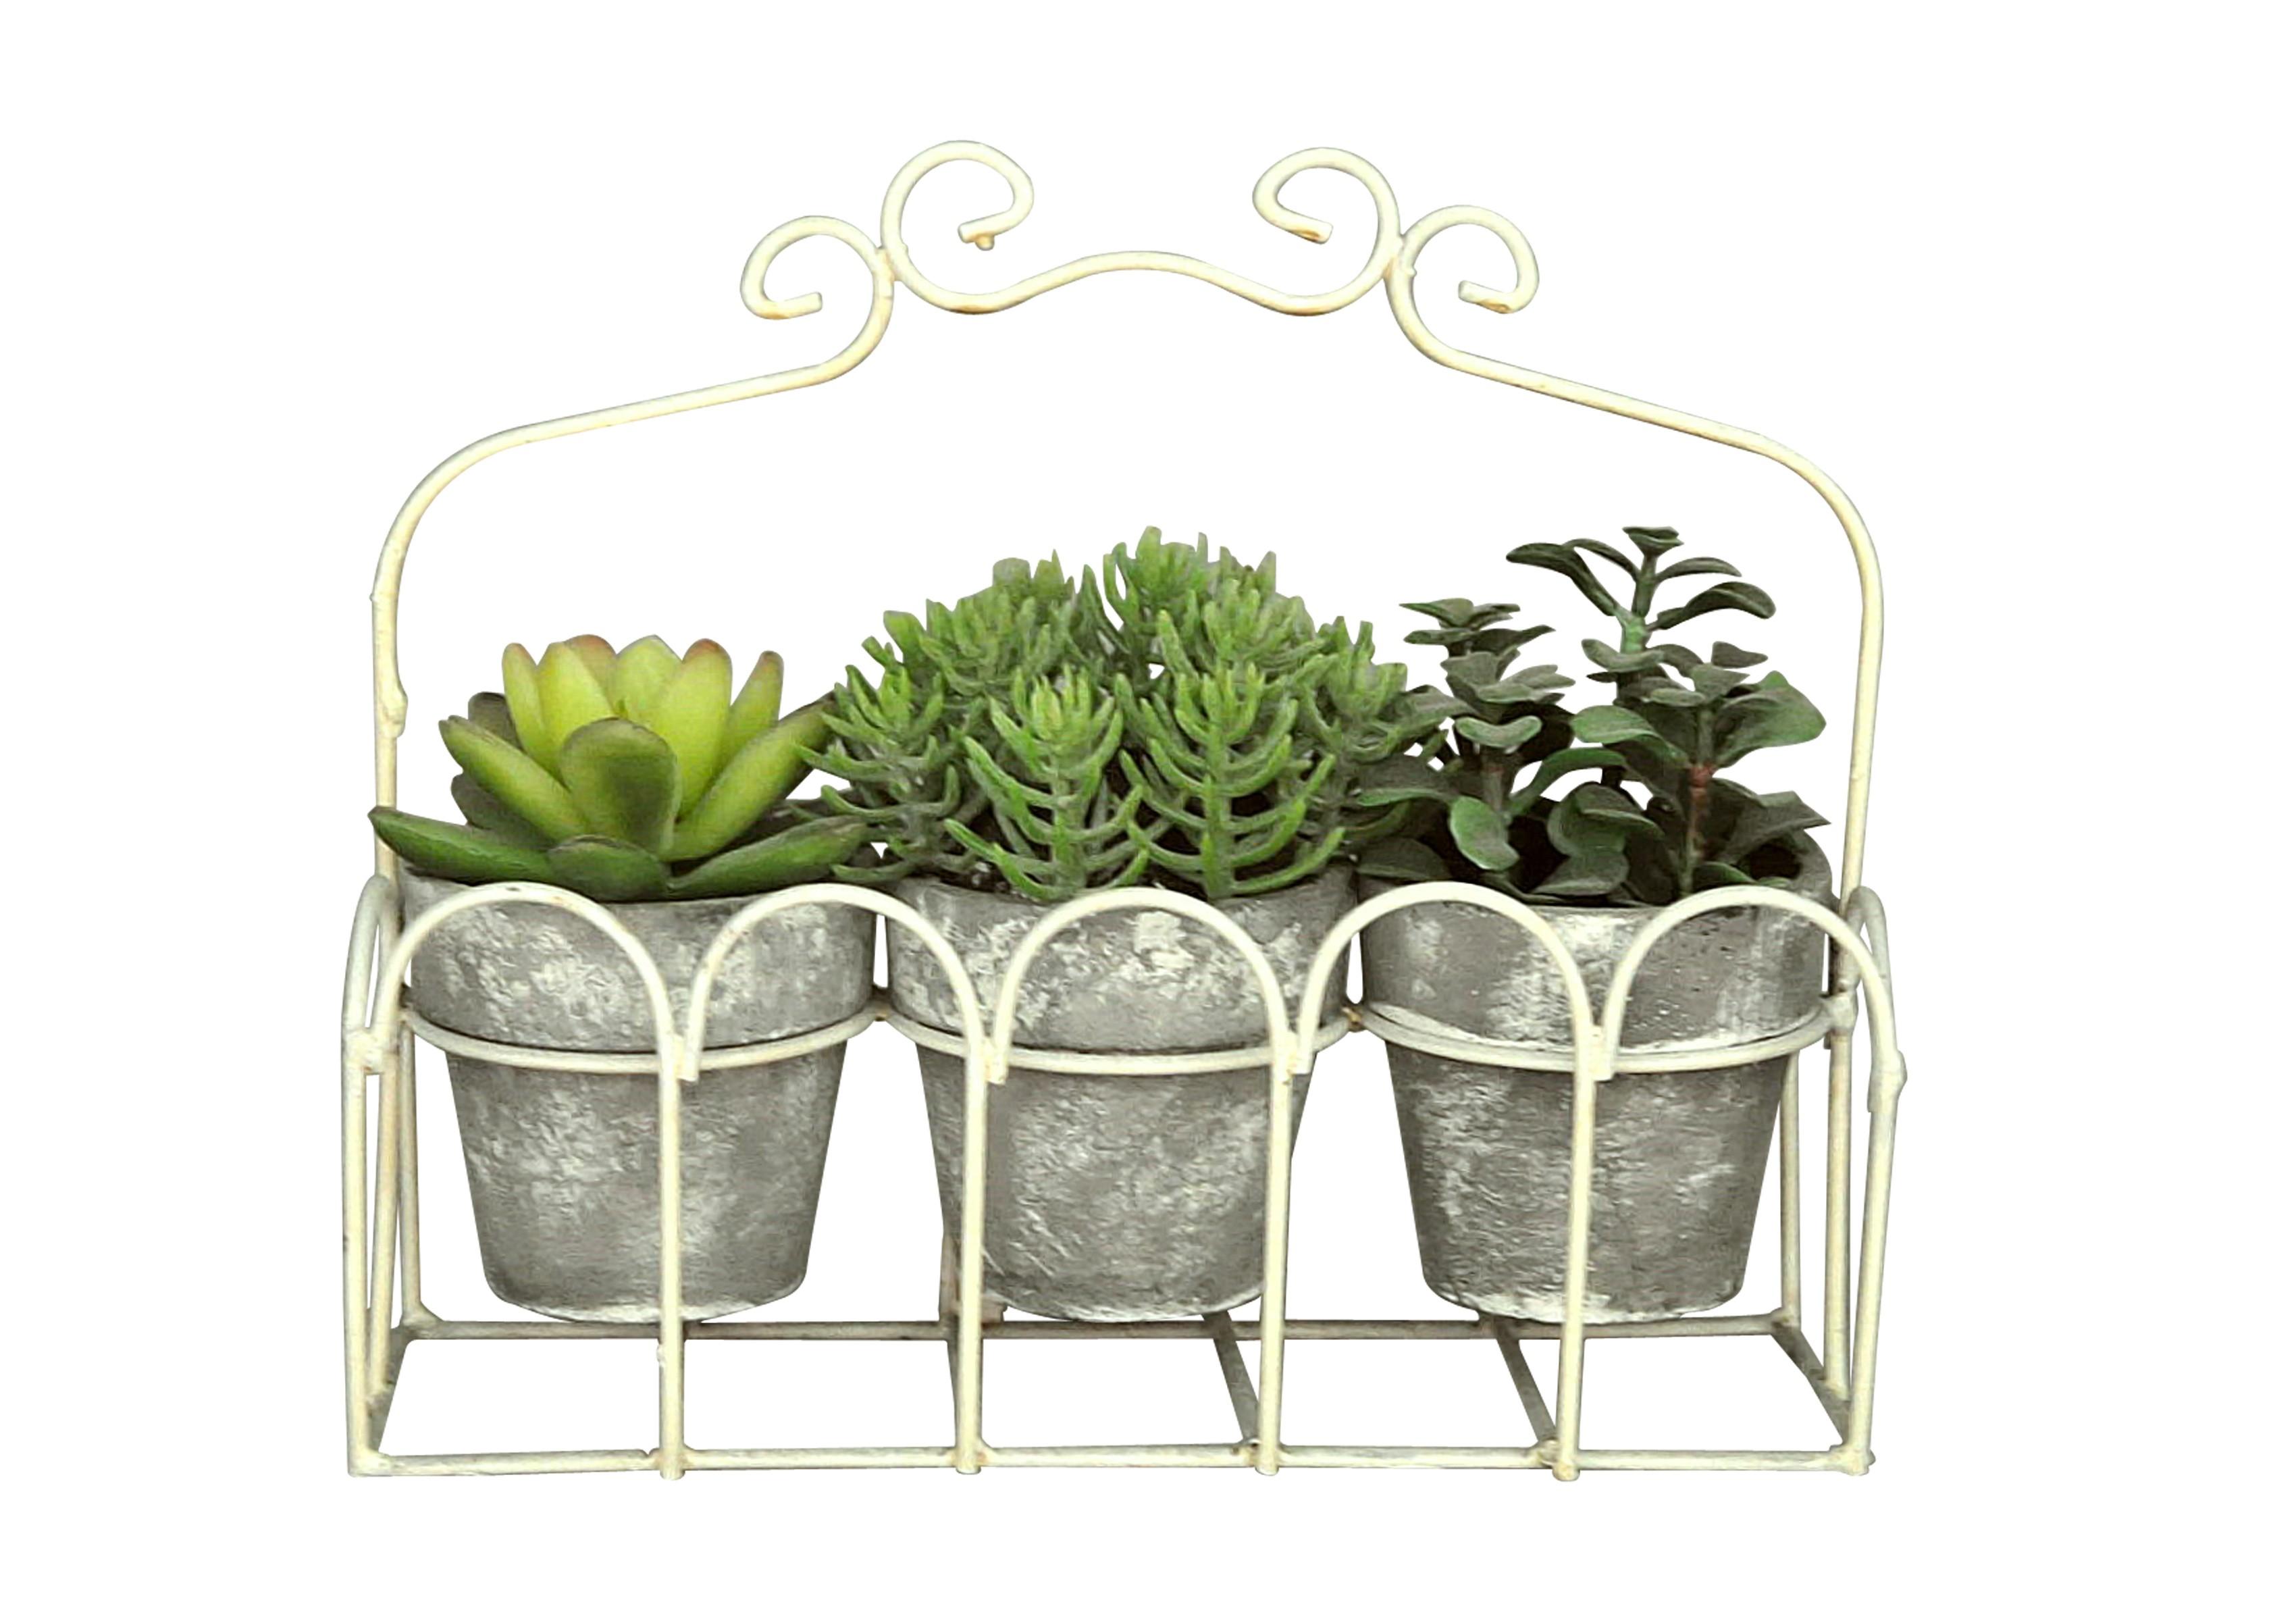 jardini re de plantes grasses demeure et jardin On plante decorative jardin